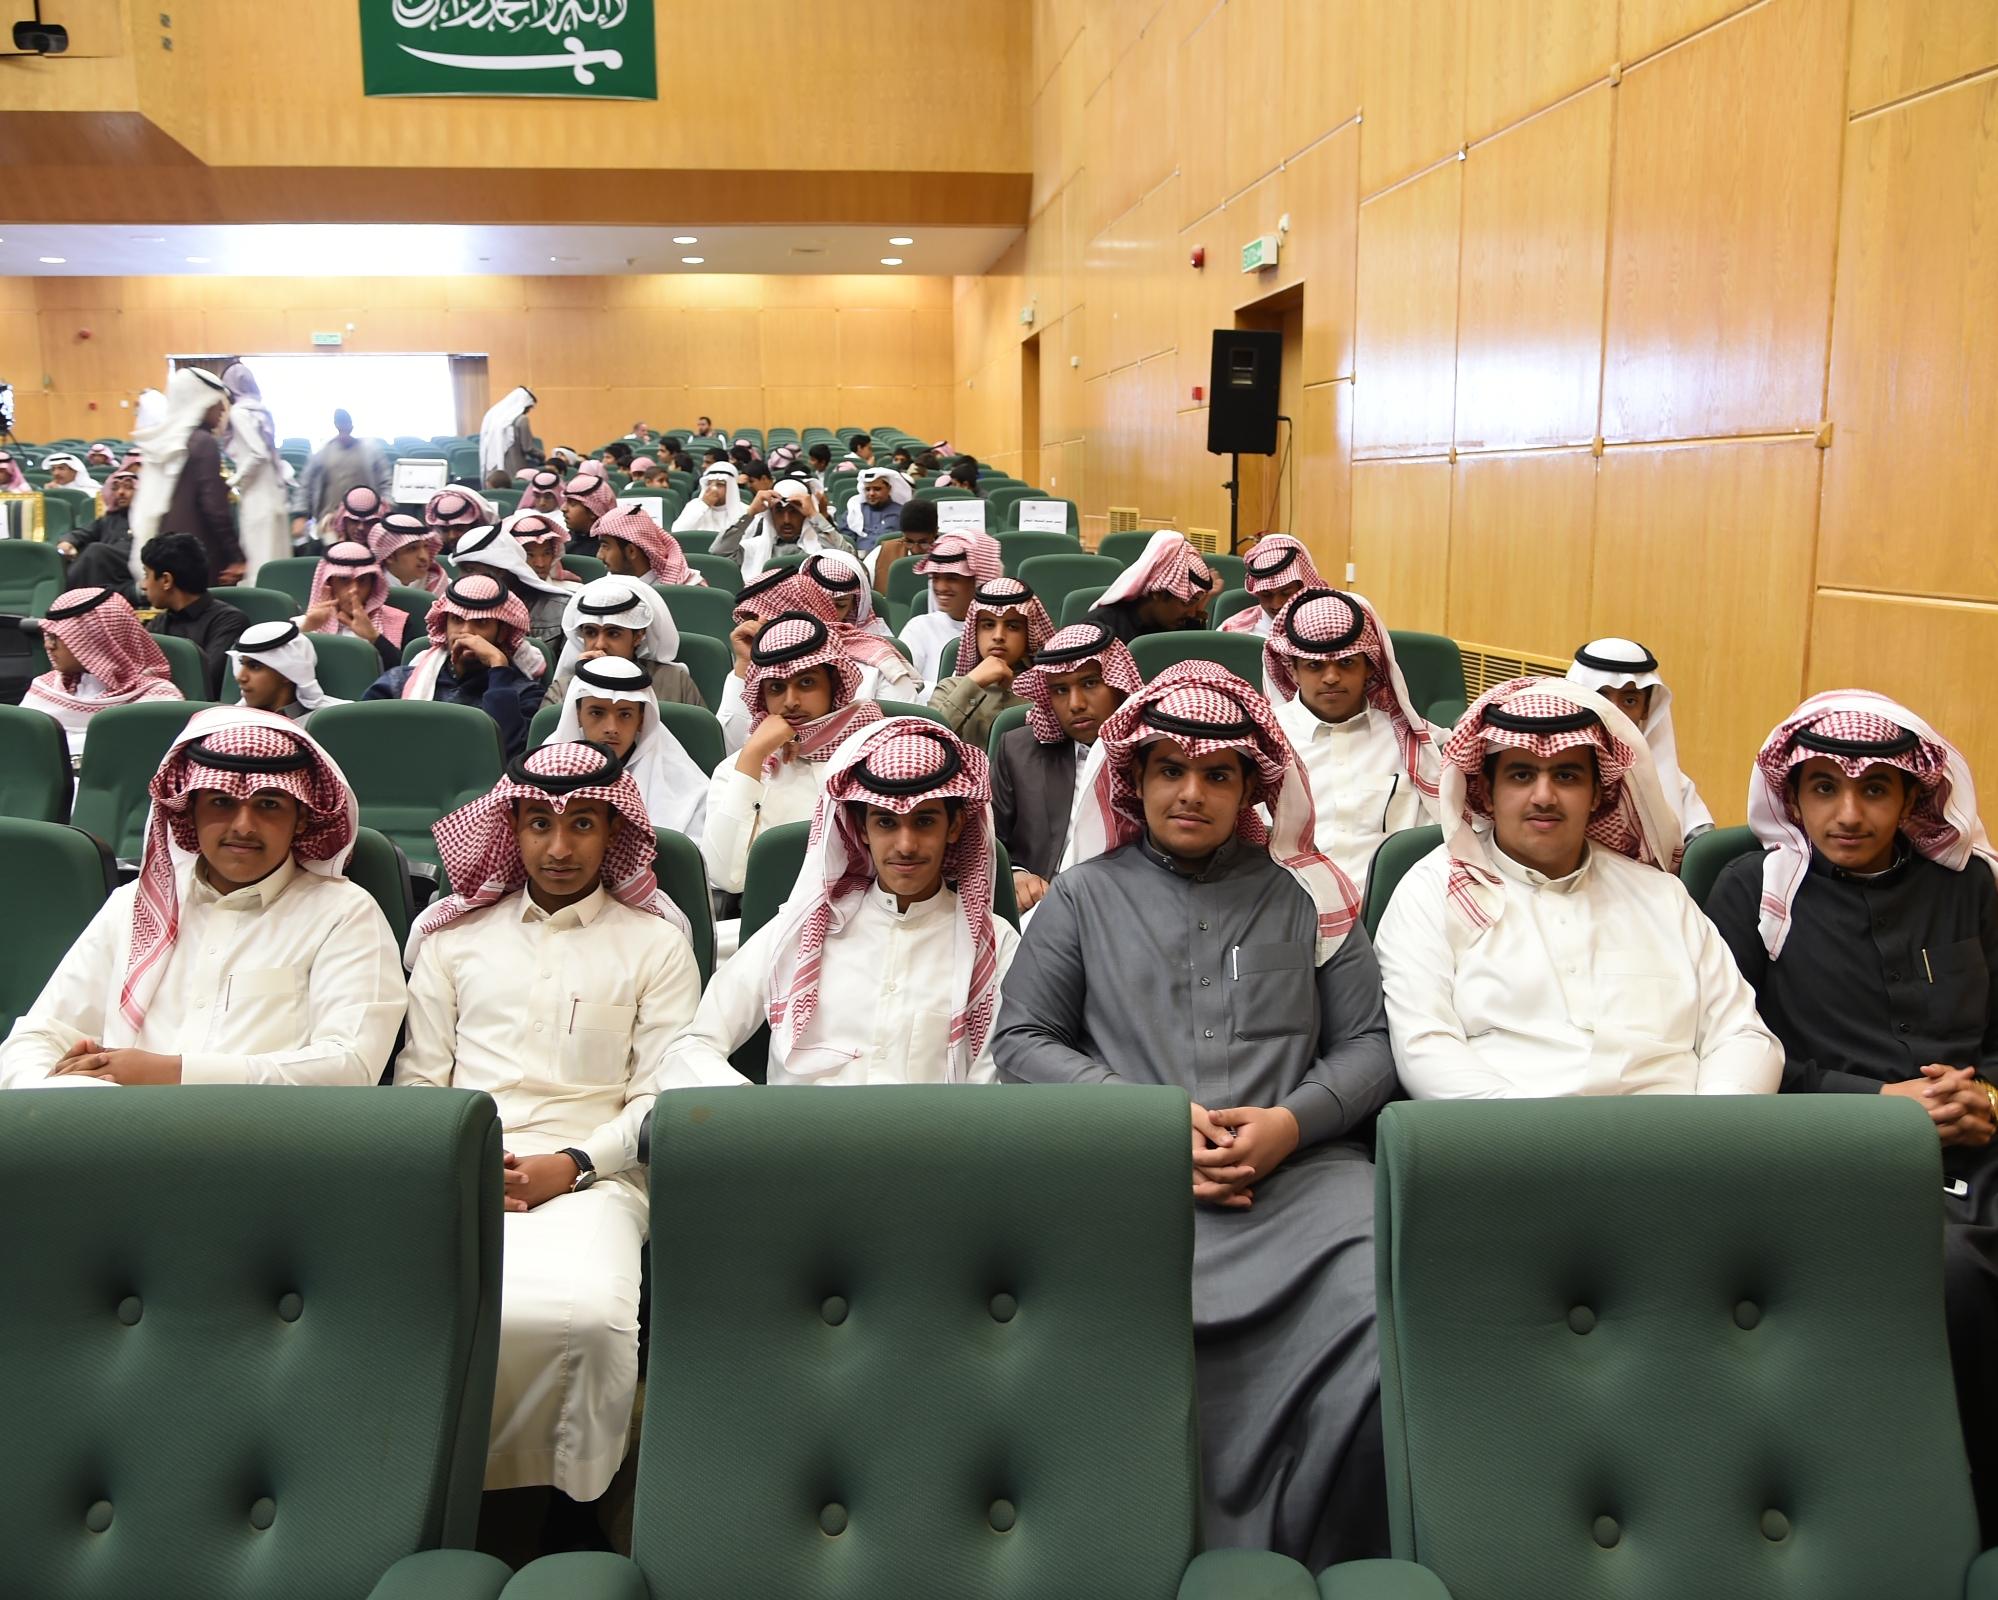 عروض مسرحية في انطلاق مهرجان المسرح المدرسي بعسير (2)